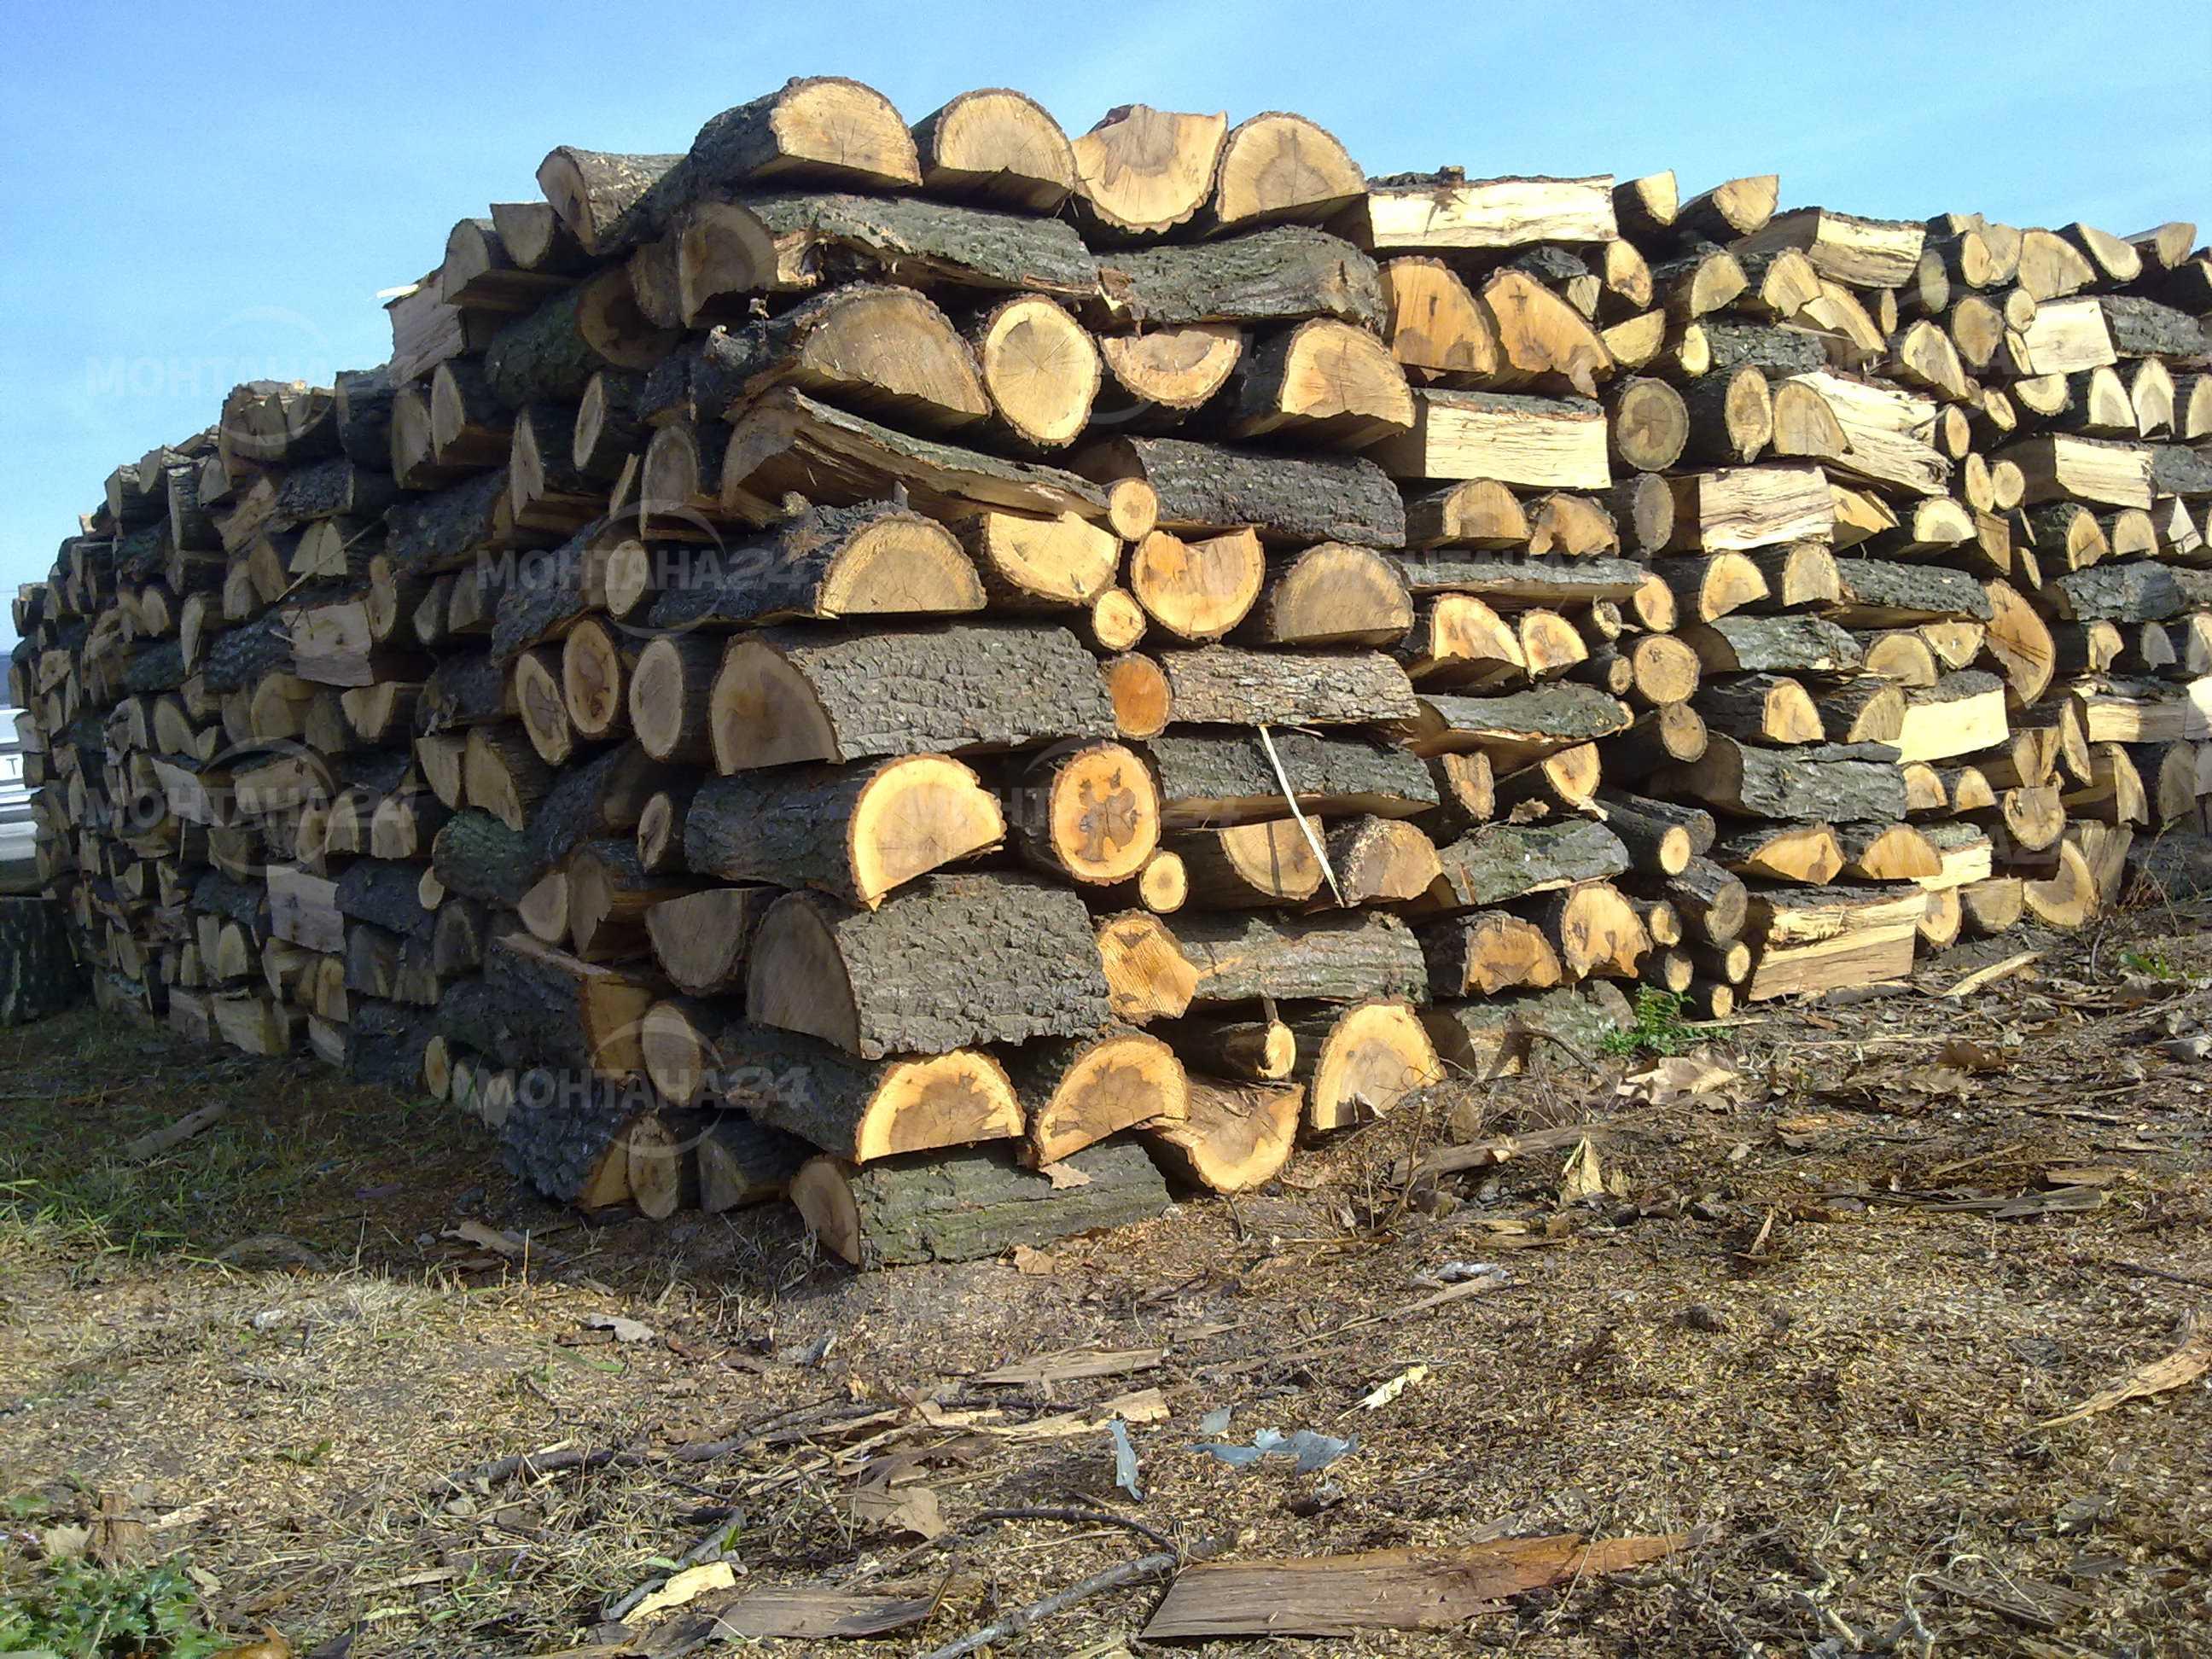 Преди зимата! Дървата за огрев в Монтана се намират трудно